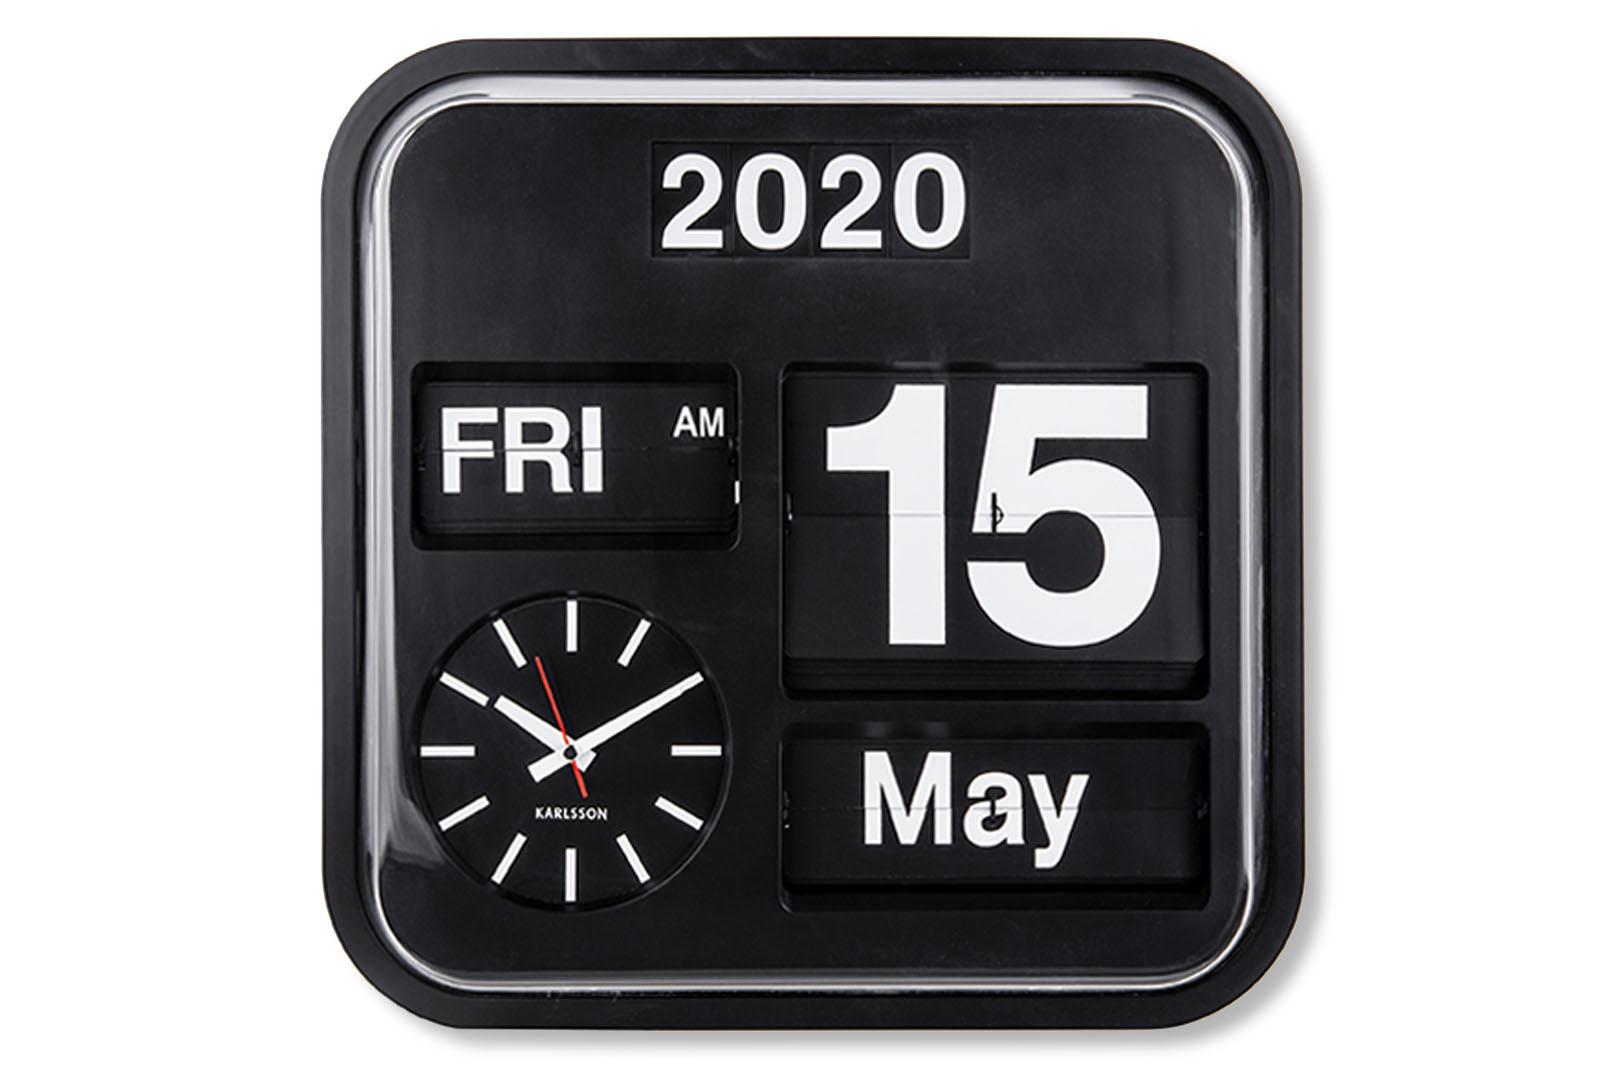 KARLSSONカールソン 掛け時計 ウォールクロック Big Flip パタパタ時計 フリップクロック ブラック 北欧 ☆最安値に挑戦 オランダ 美品 カールソン インテリア カレンダー デザイン時計 デザイナーズ リビング雑貨 KARLSSON シンプル モノトーン モノクロ おしゃれ